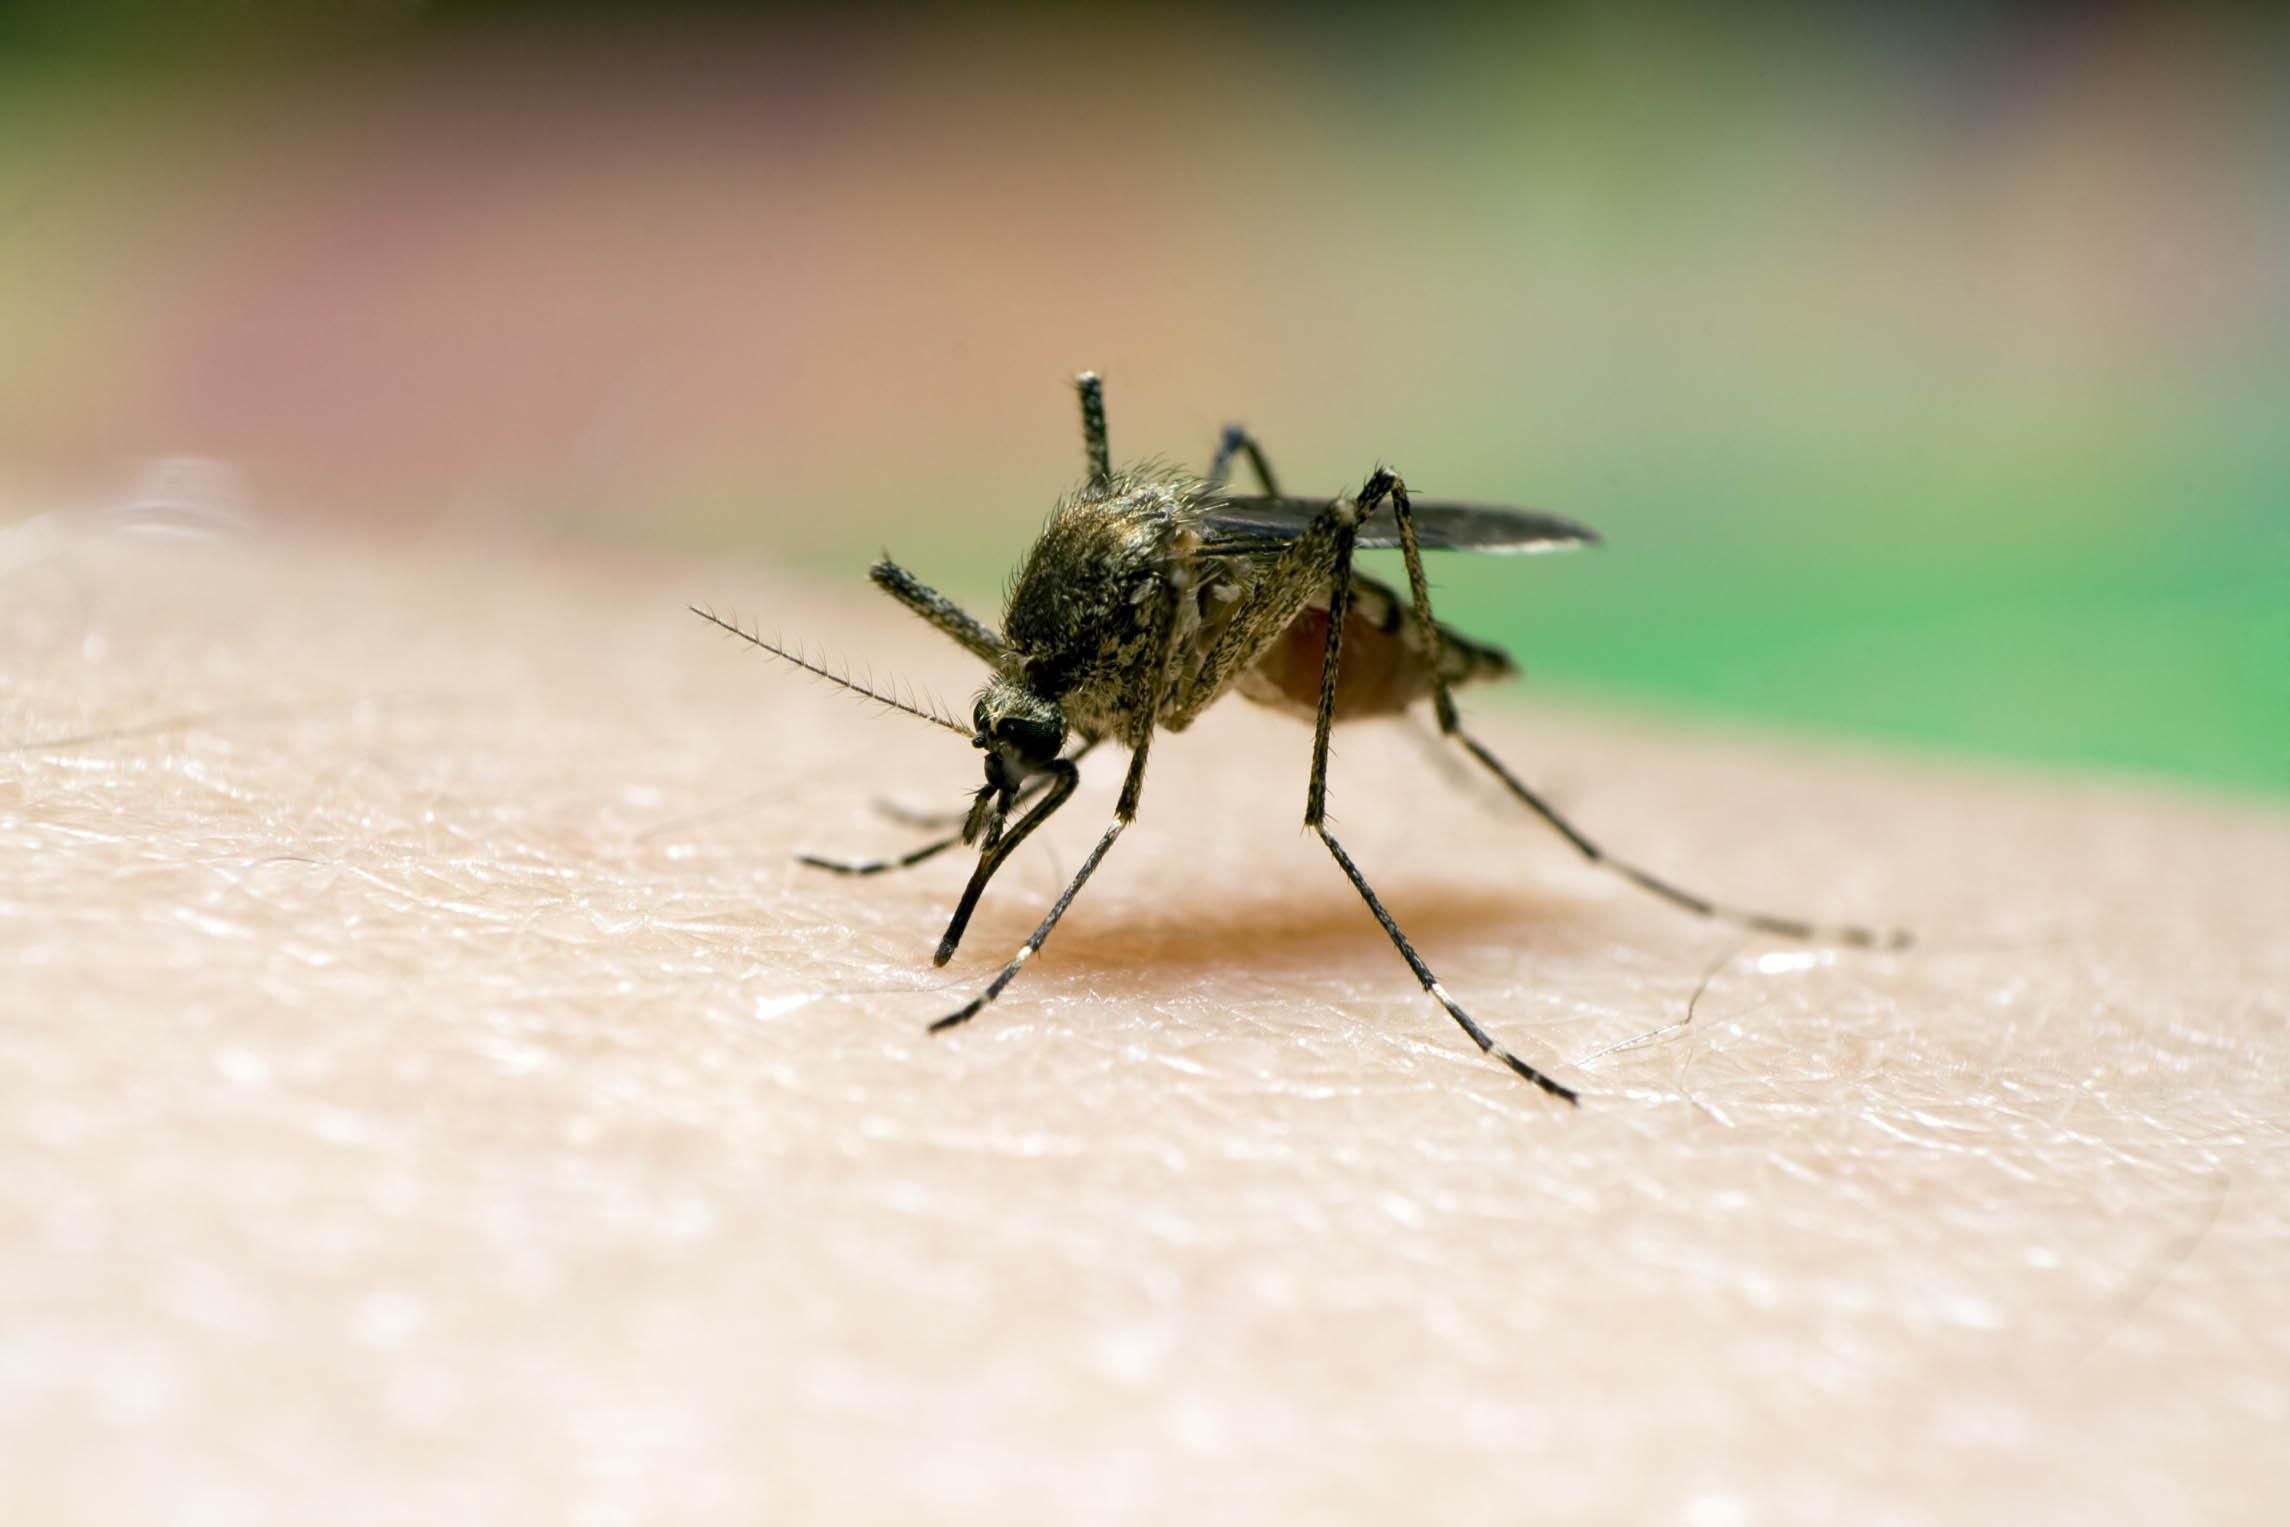 Piden calmar brote de paludismo en refugios de Ciudad Guayana